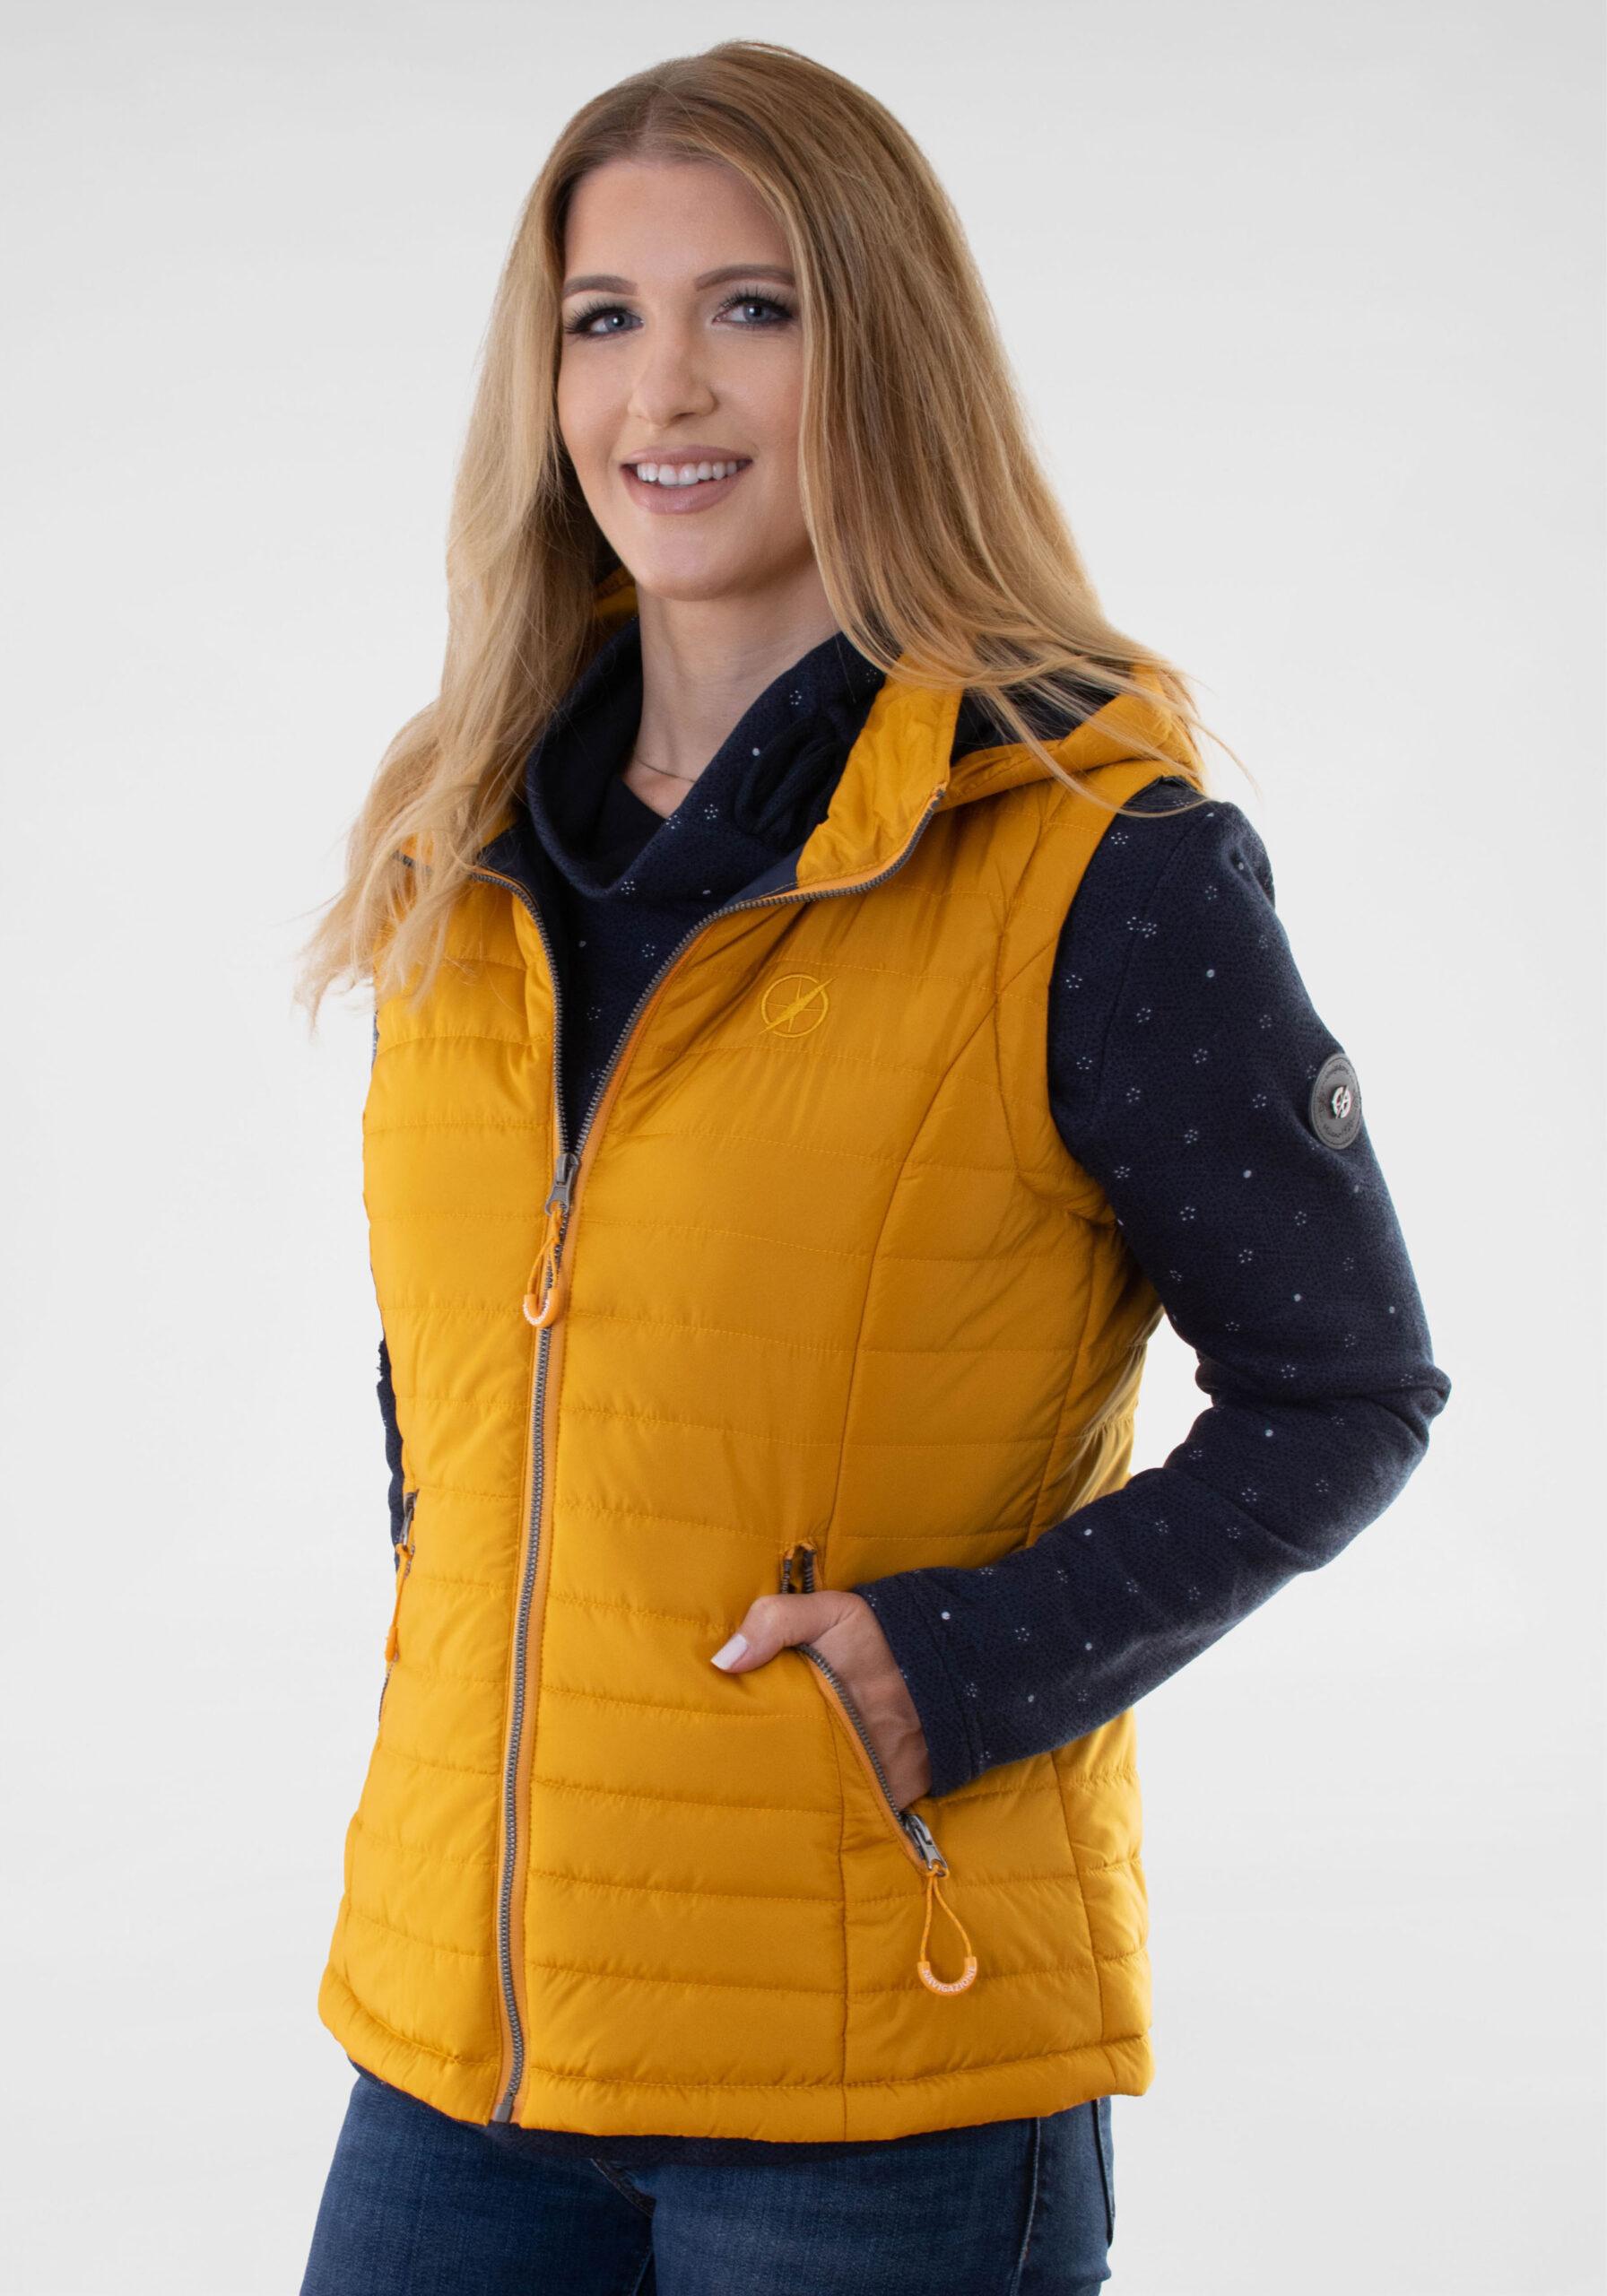 Damen Steppweste mit Kontrastfarbe Gelb